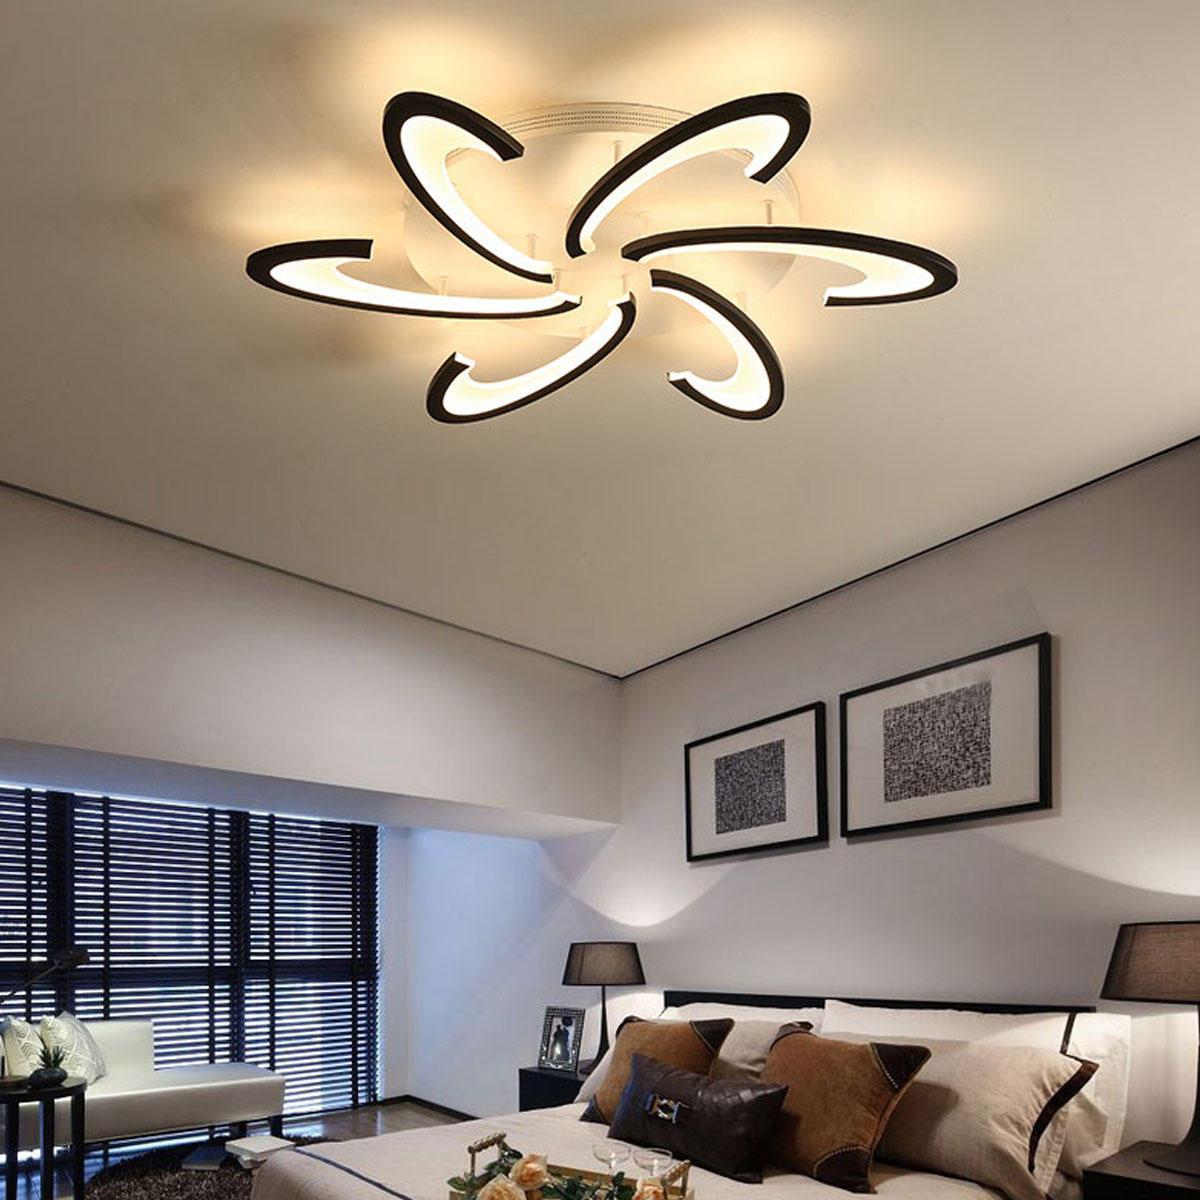 Modern Led Ceiling Light For Living, Modern Led Chandeliers For Bedroom